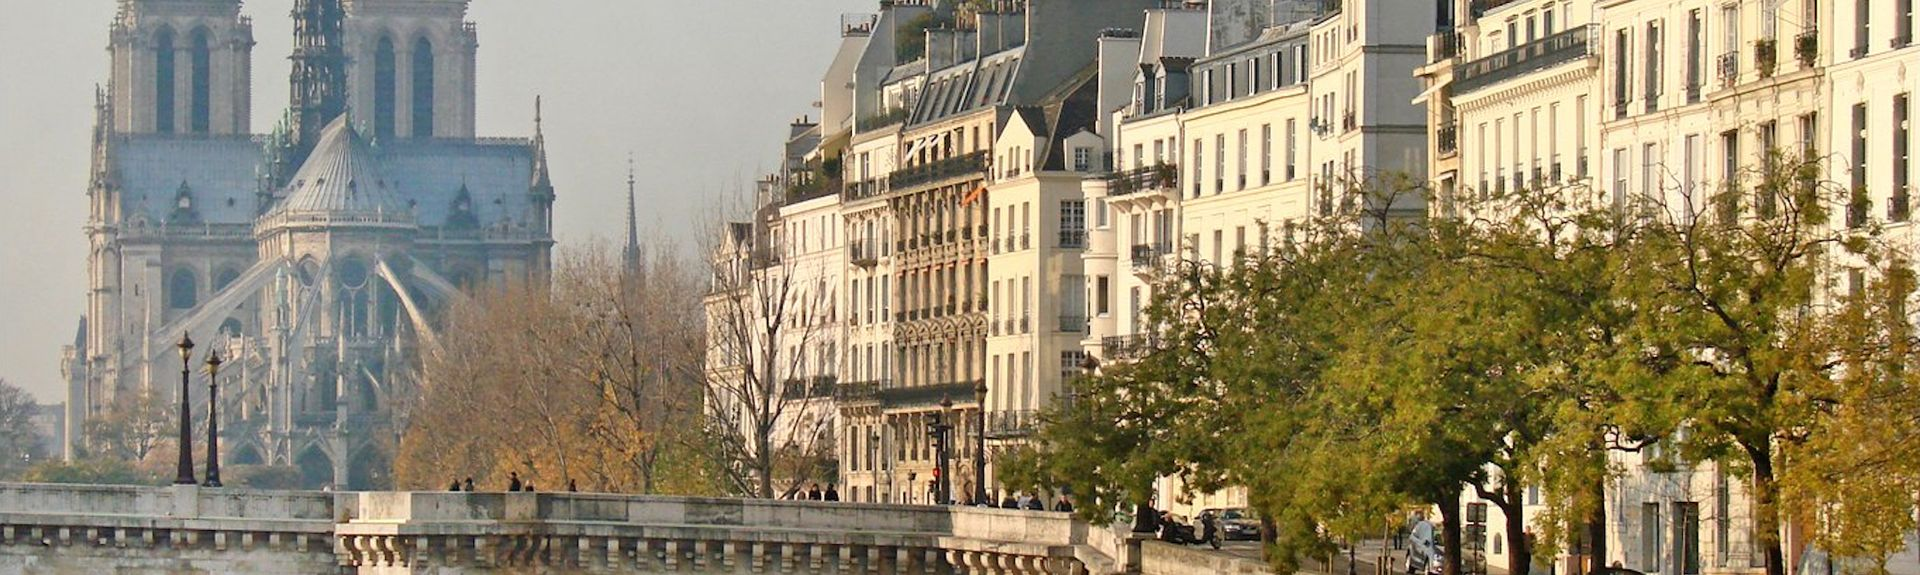 Arc de Triomphe, Paris, Ile-de-France, France